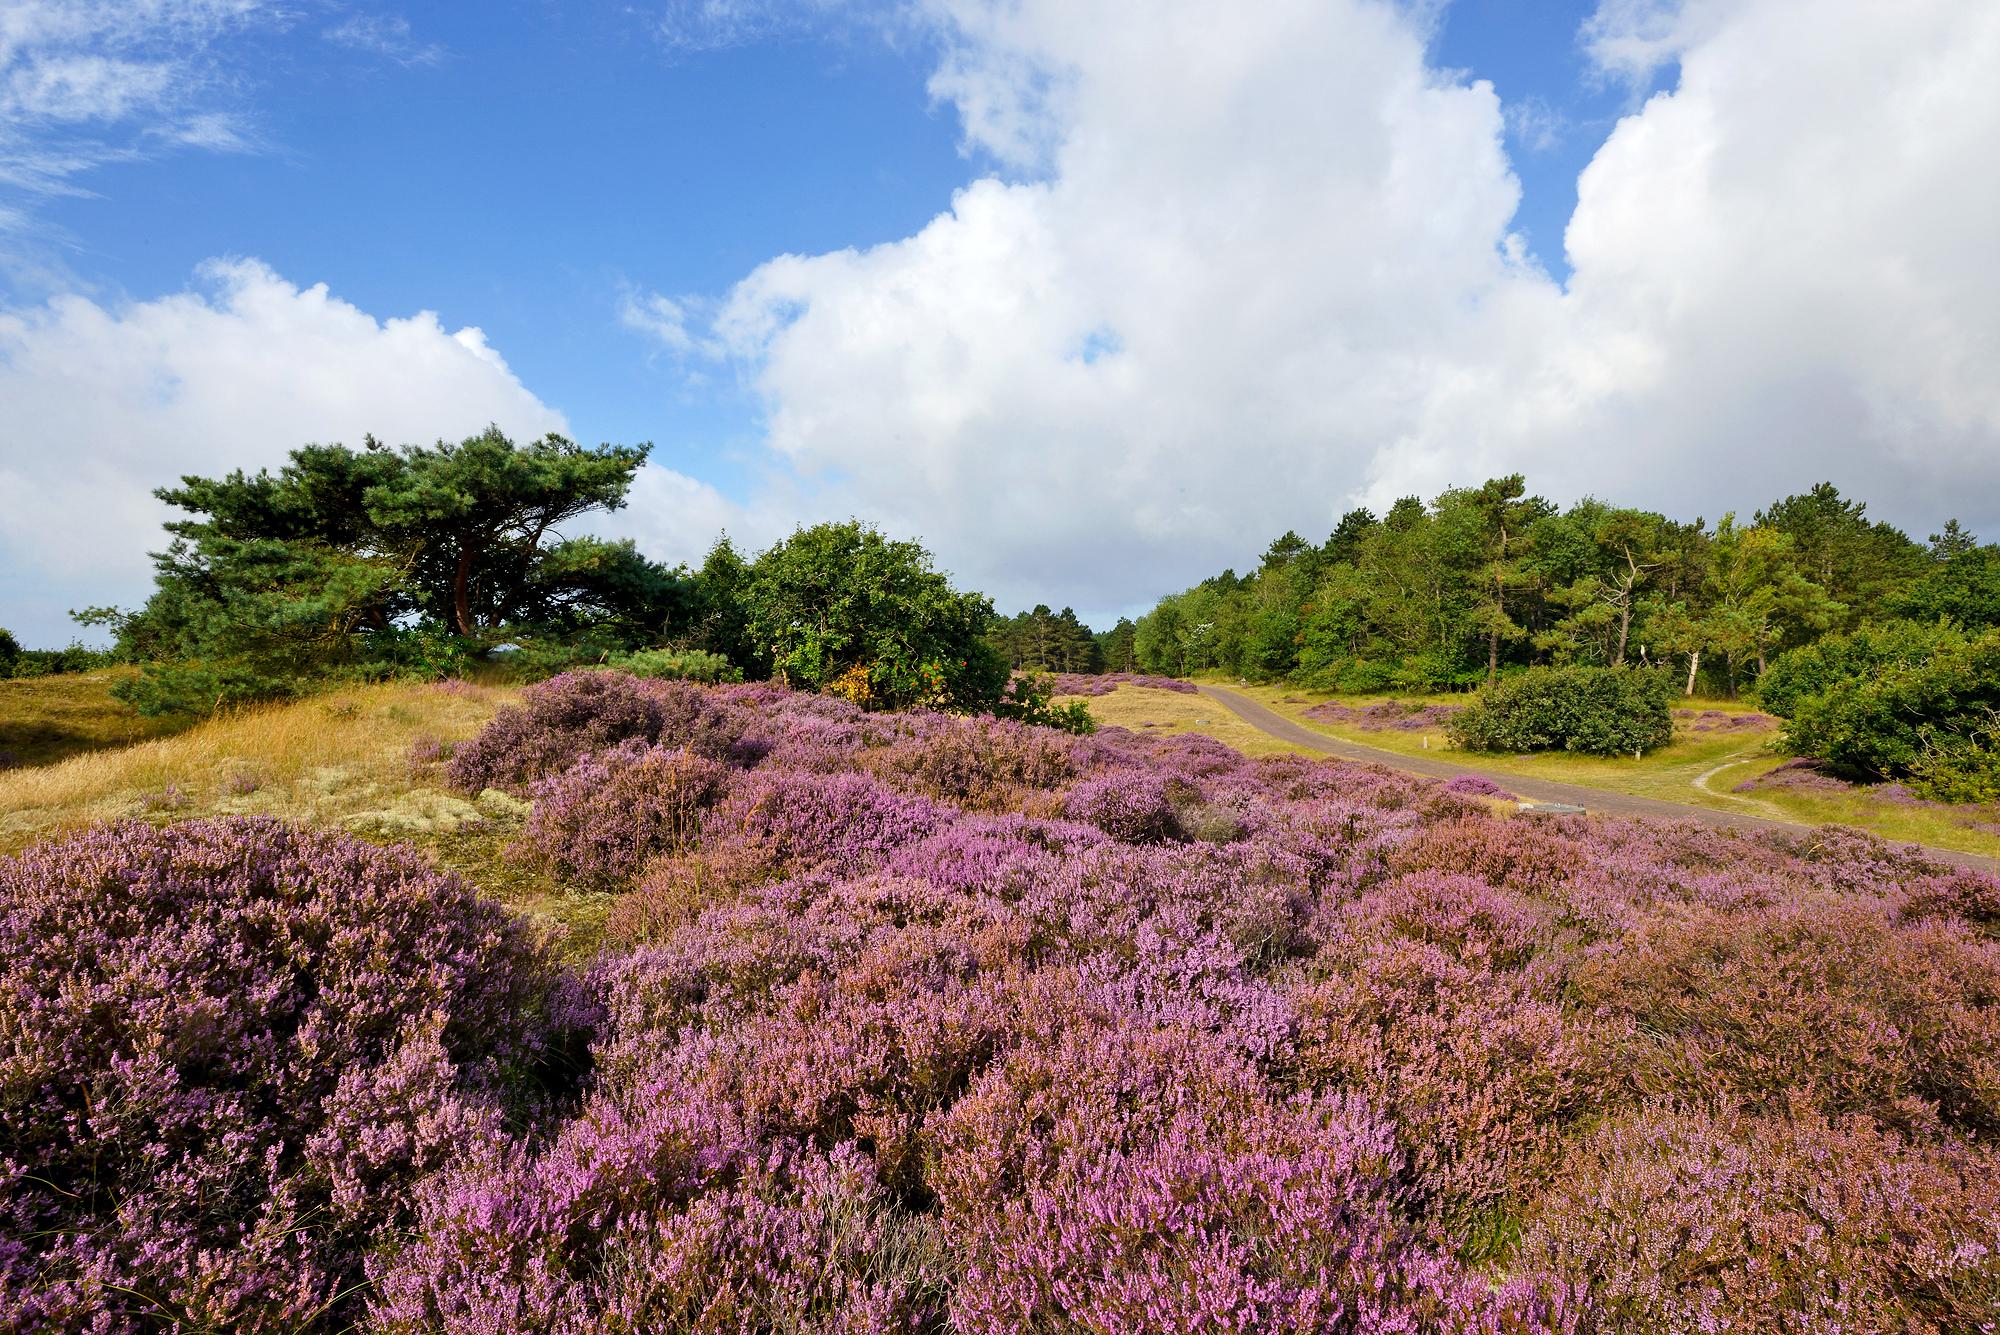 Velden met paarse, bloeiende struikhei (Calluna vulgaris) tijdens zomer in het Noordhollands Duinreservaat bij Bergen